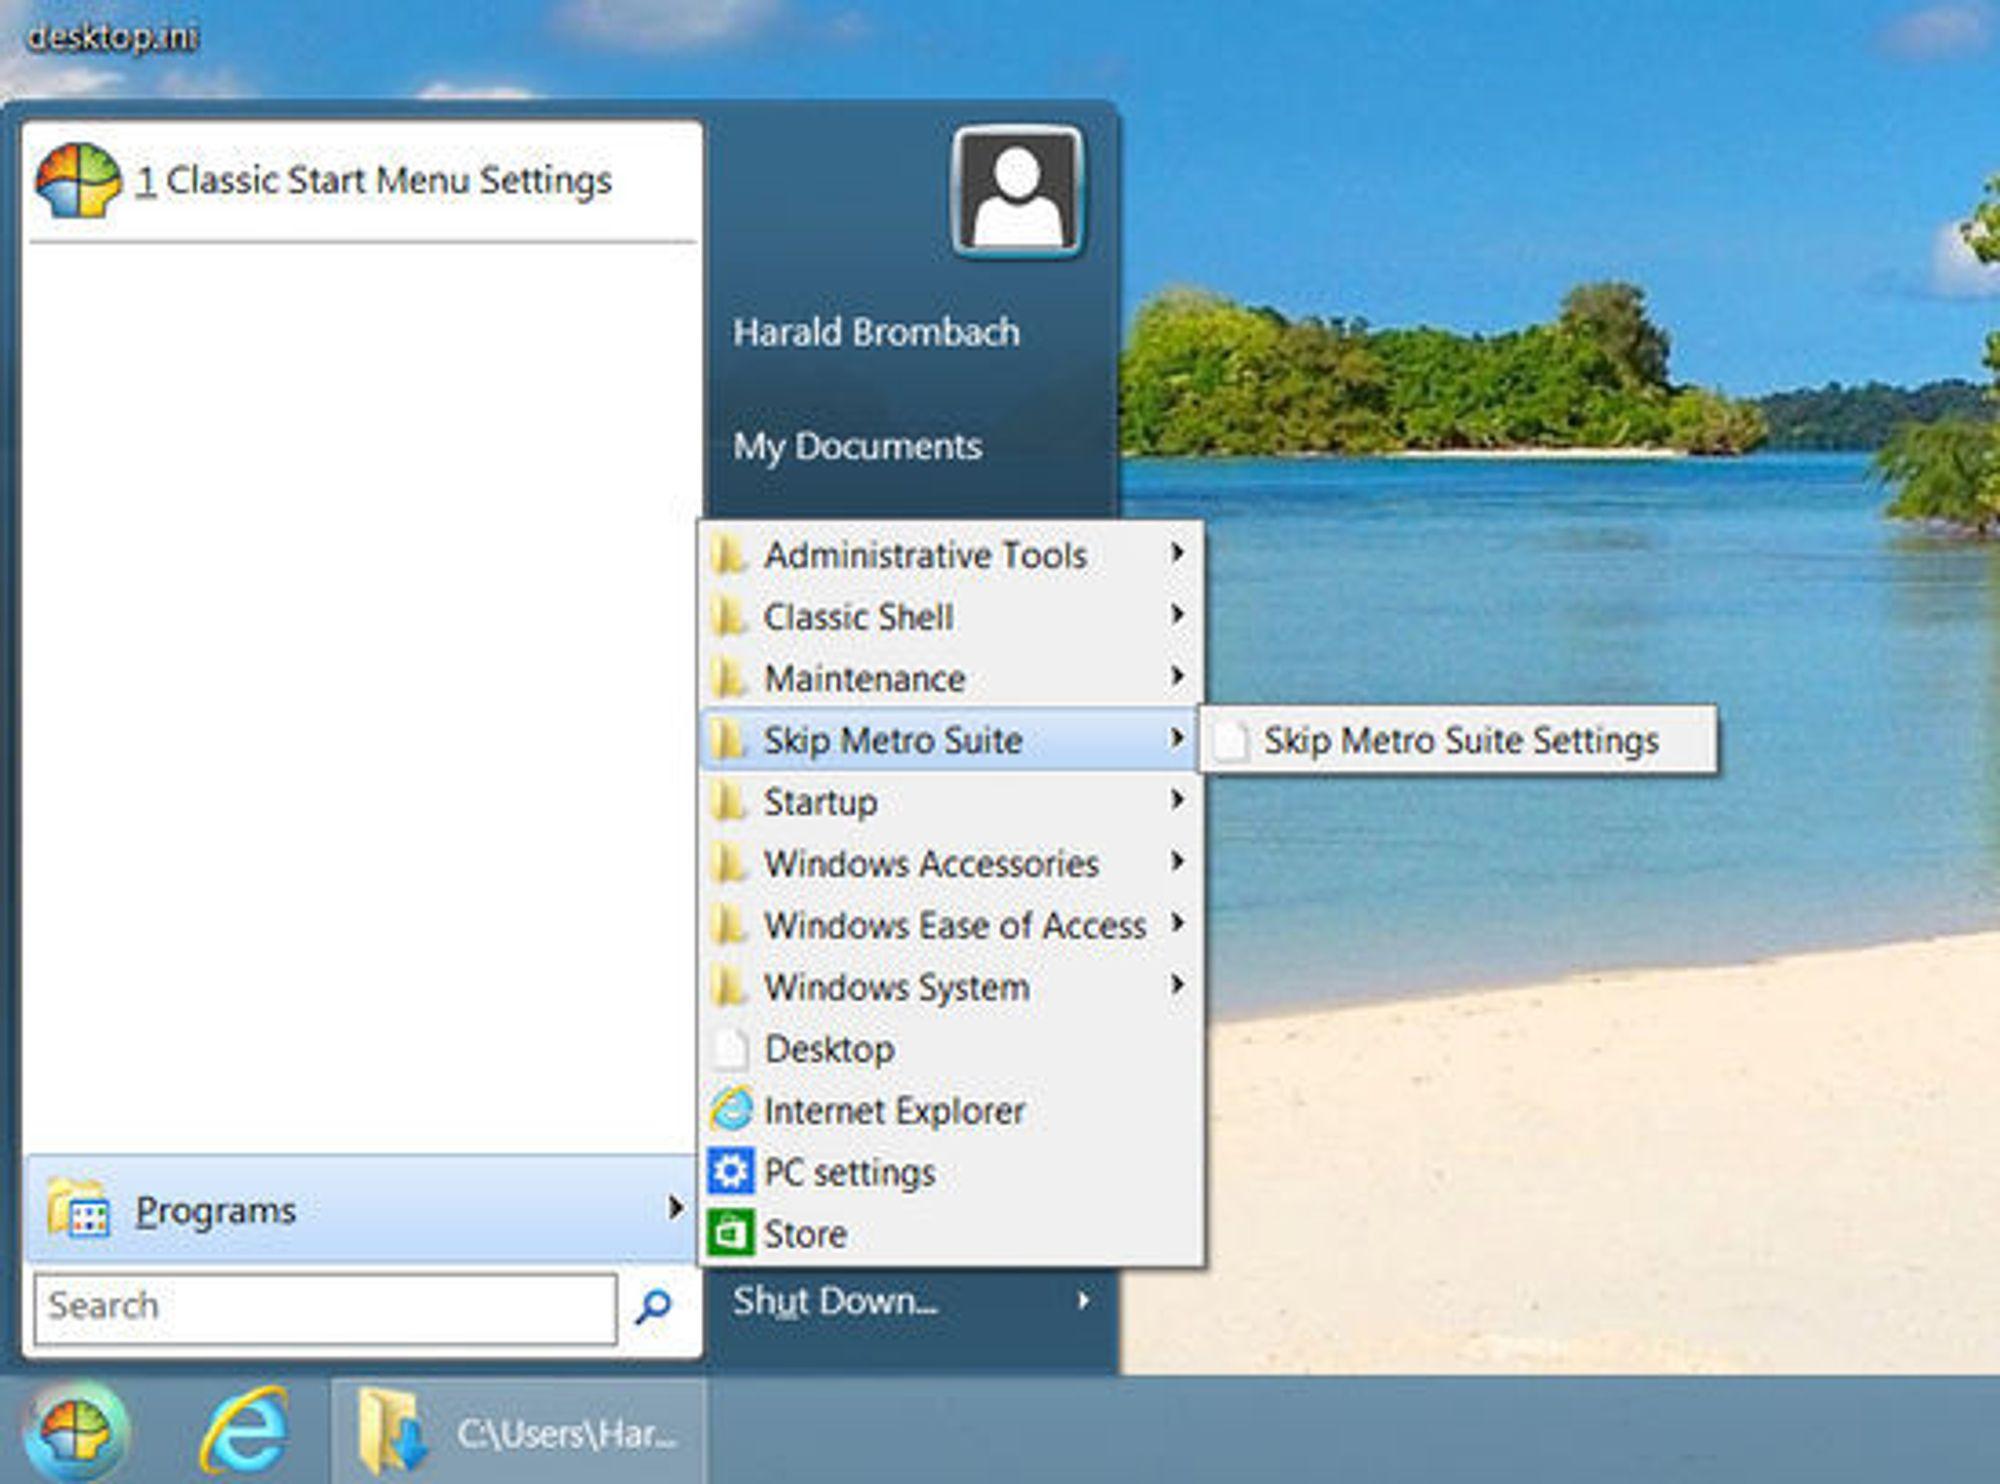 Windows 8 med en klassisk startmeny, muliggjort med tredjepartsapplikasjonen Classic Shell.